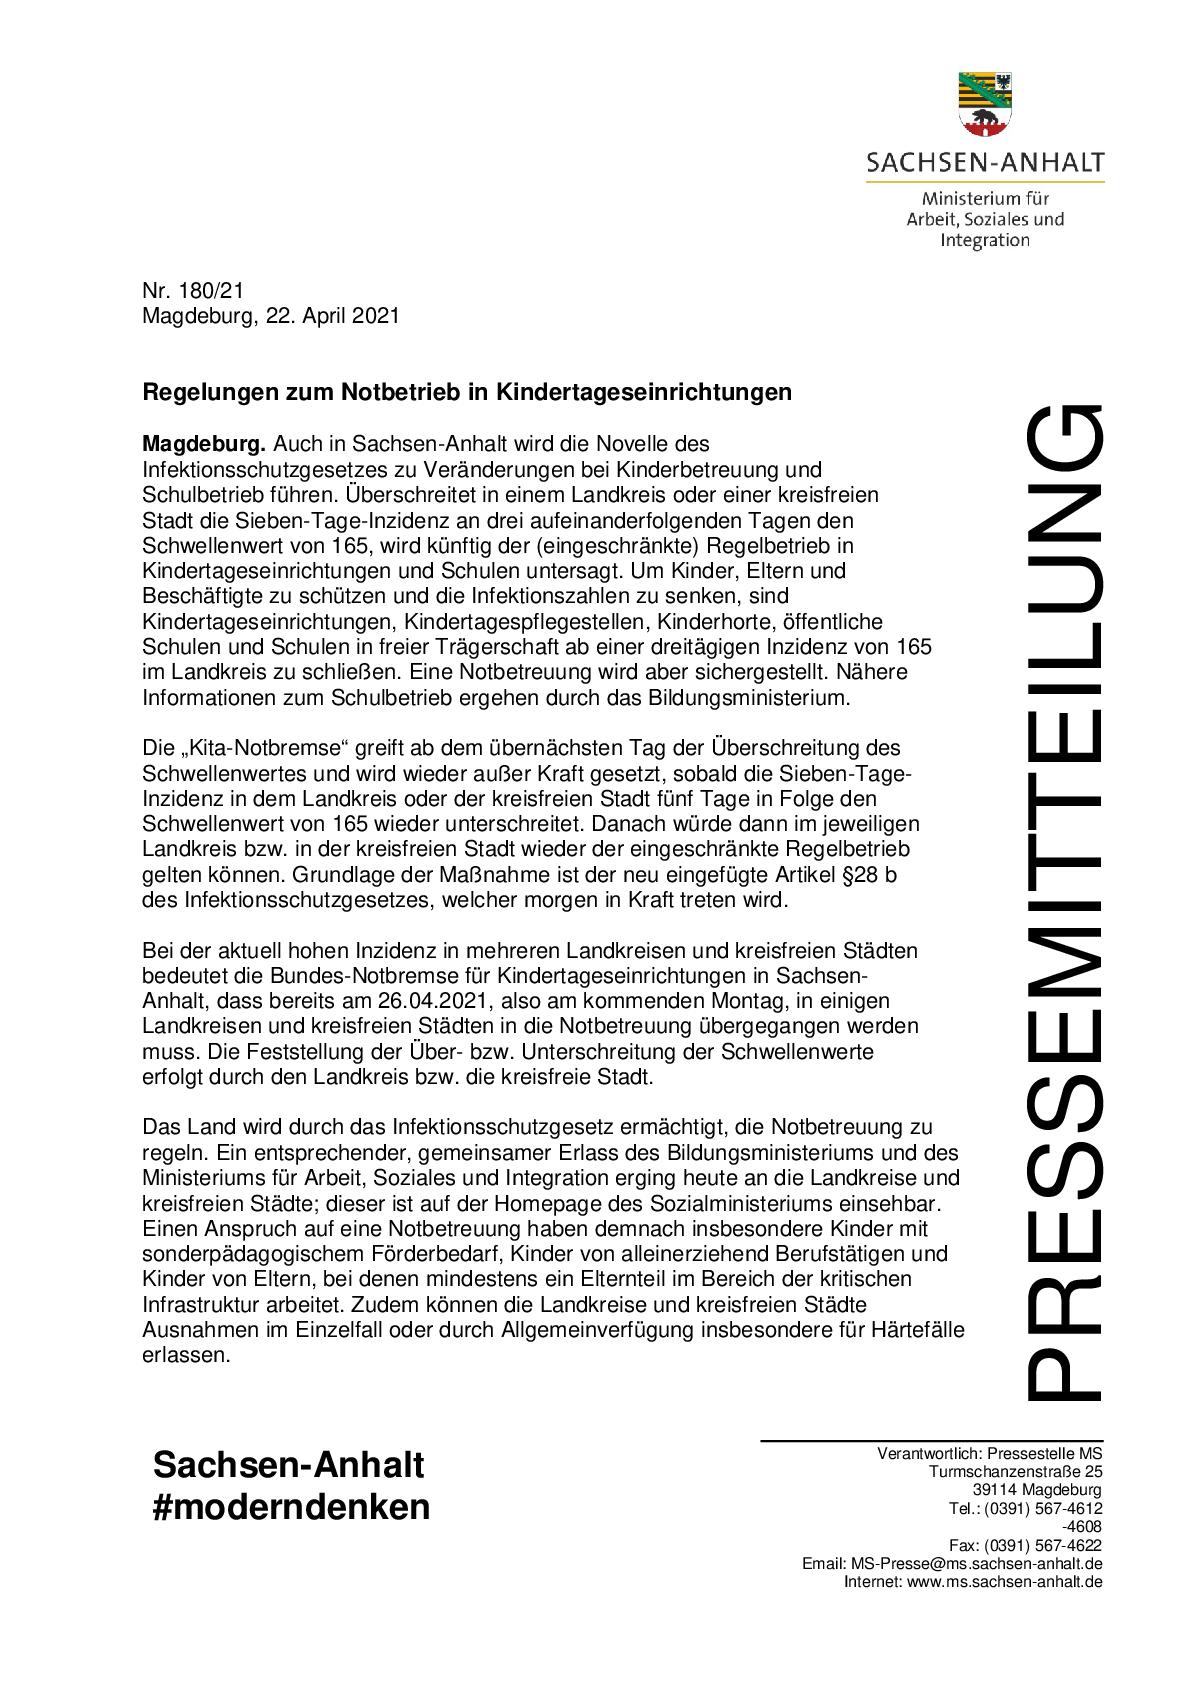 Regelungen zum Notbetrieb in Kindertageseinrichtungen-001